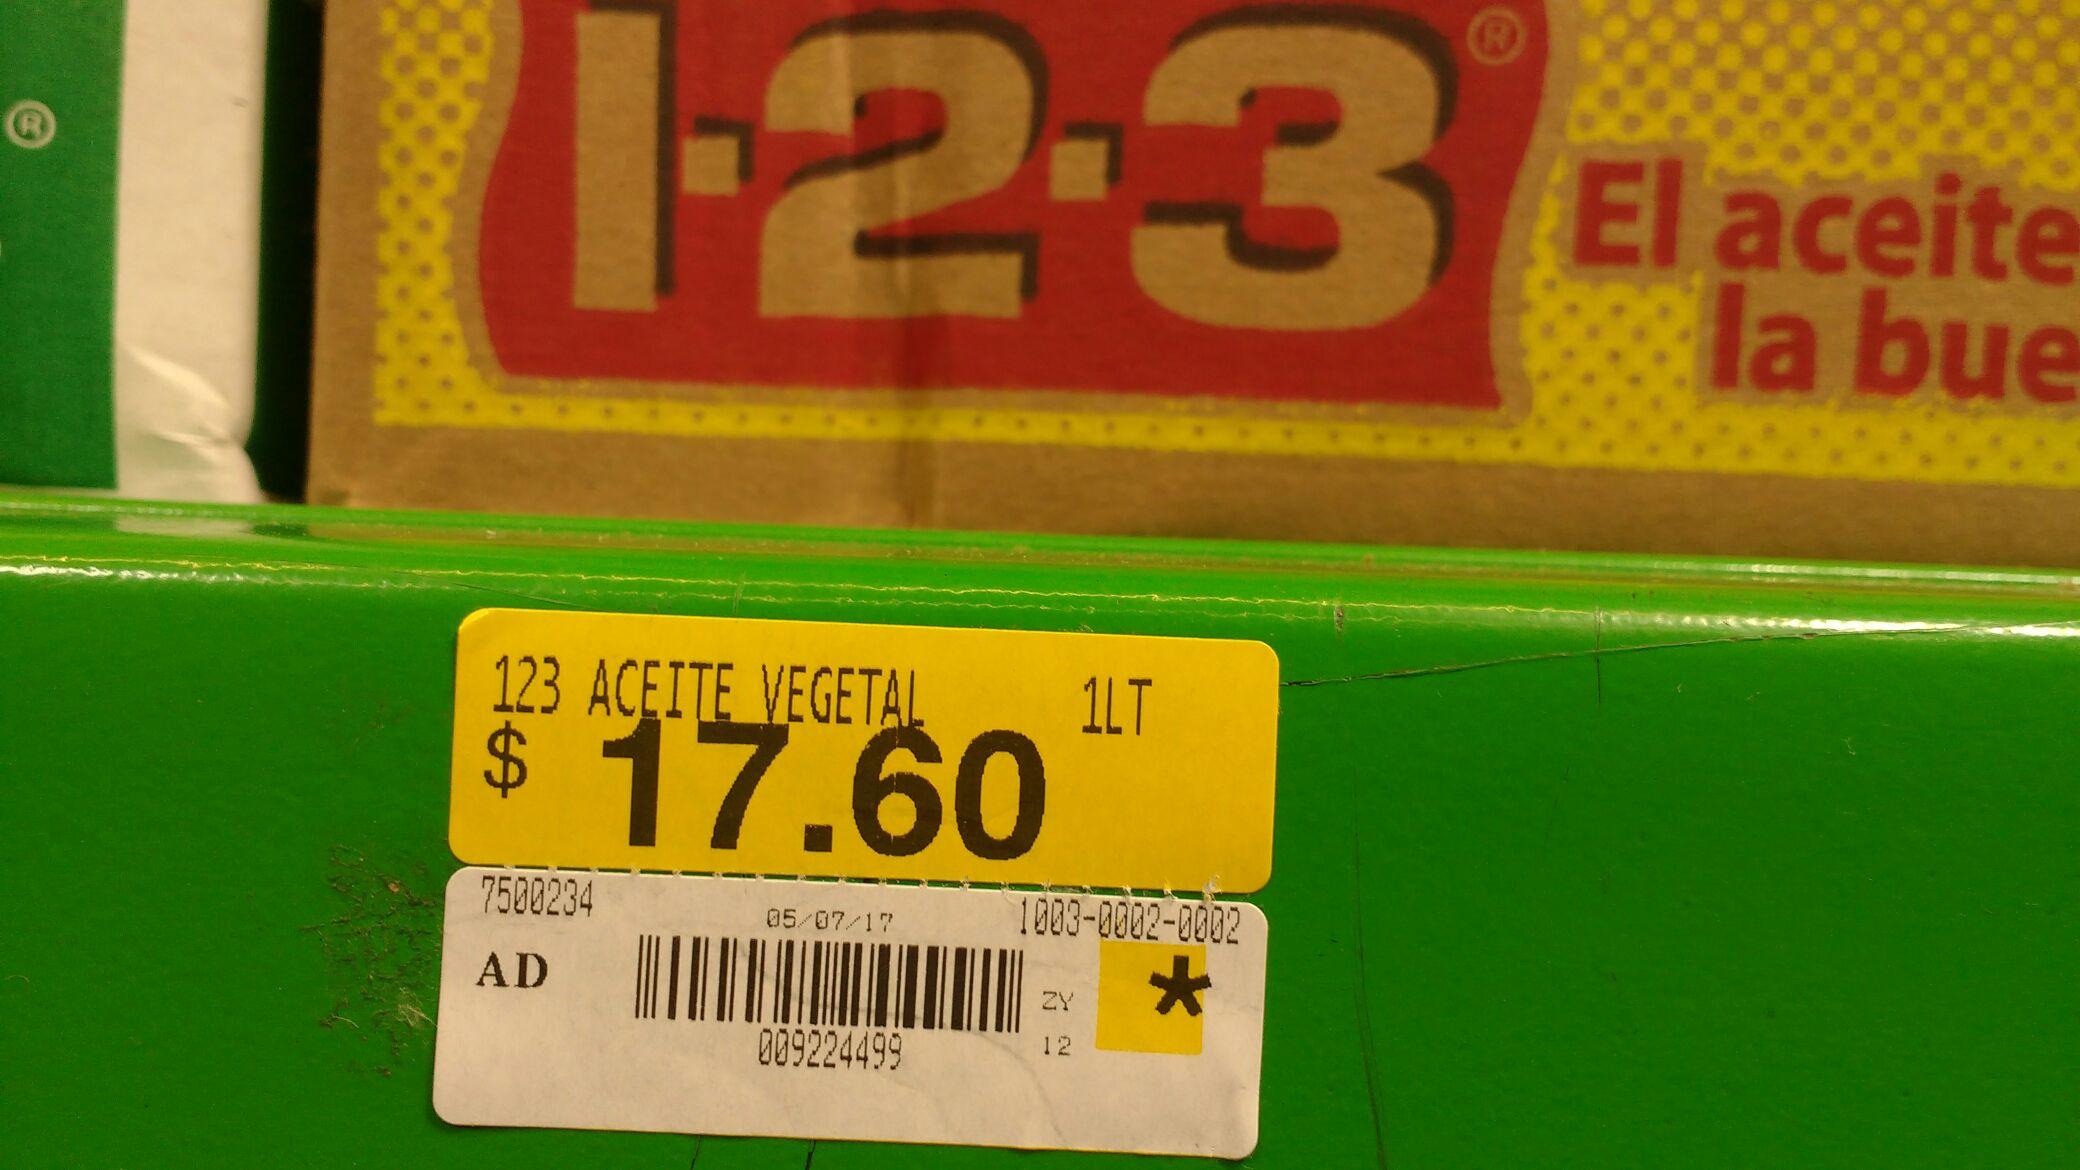 Bodega Aurrerá: Aceite 123 1 litro a $17.60